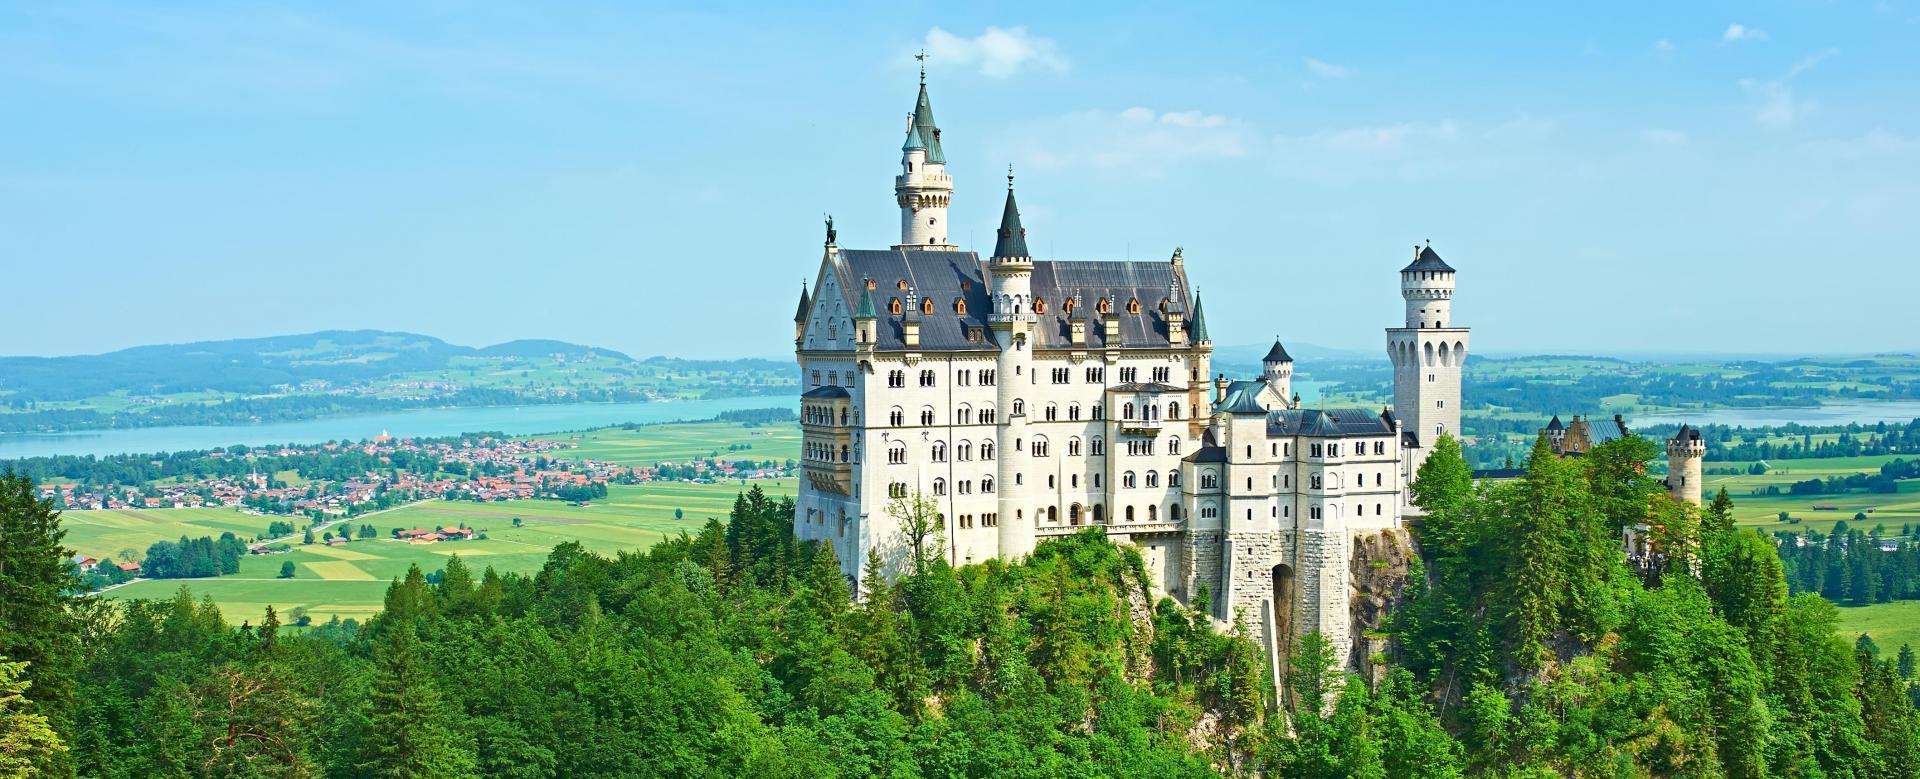 Voyage en Allemagne : Où aller en Allemagne ?